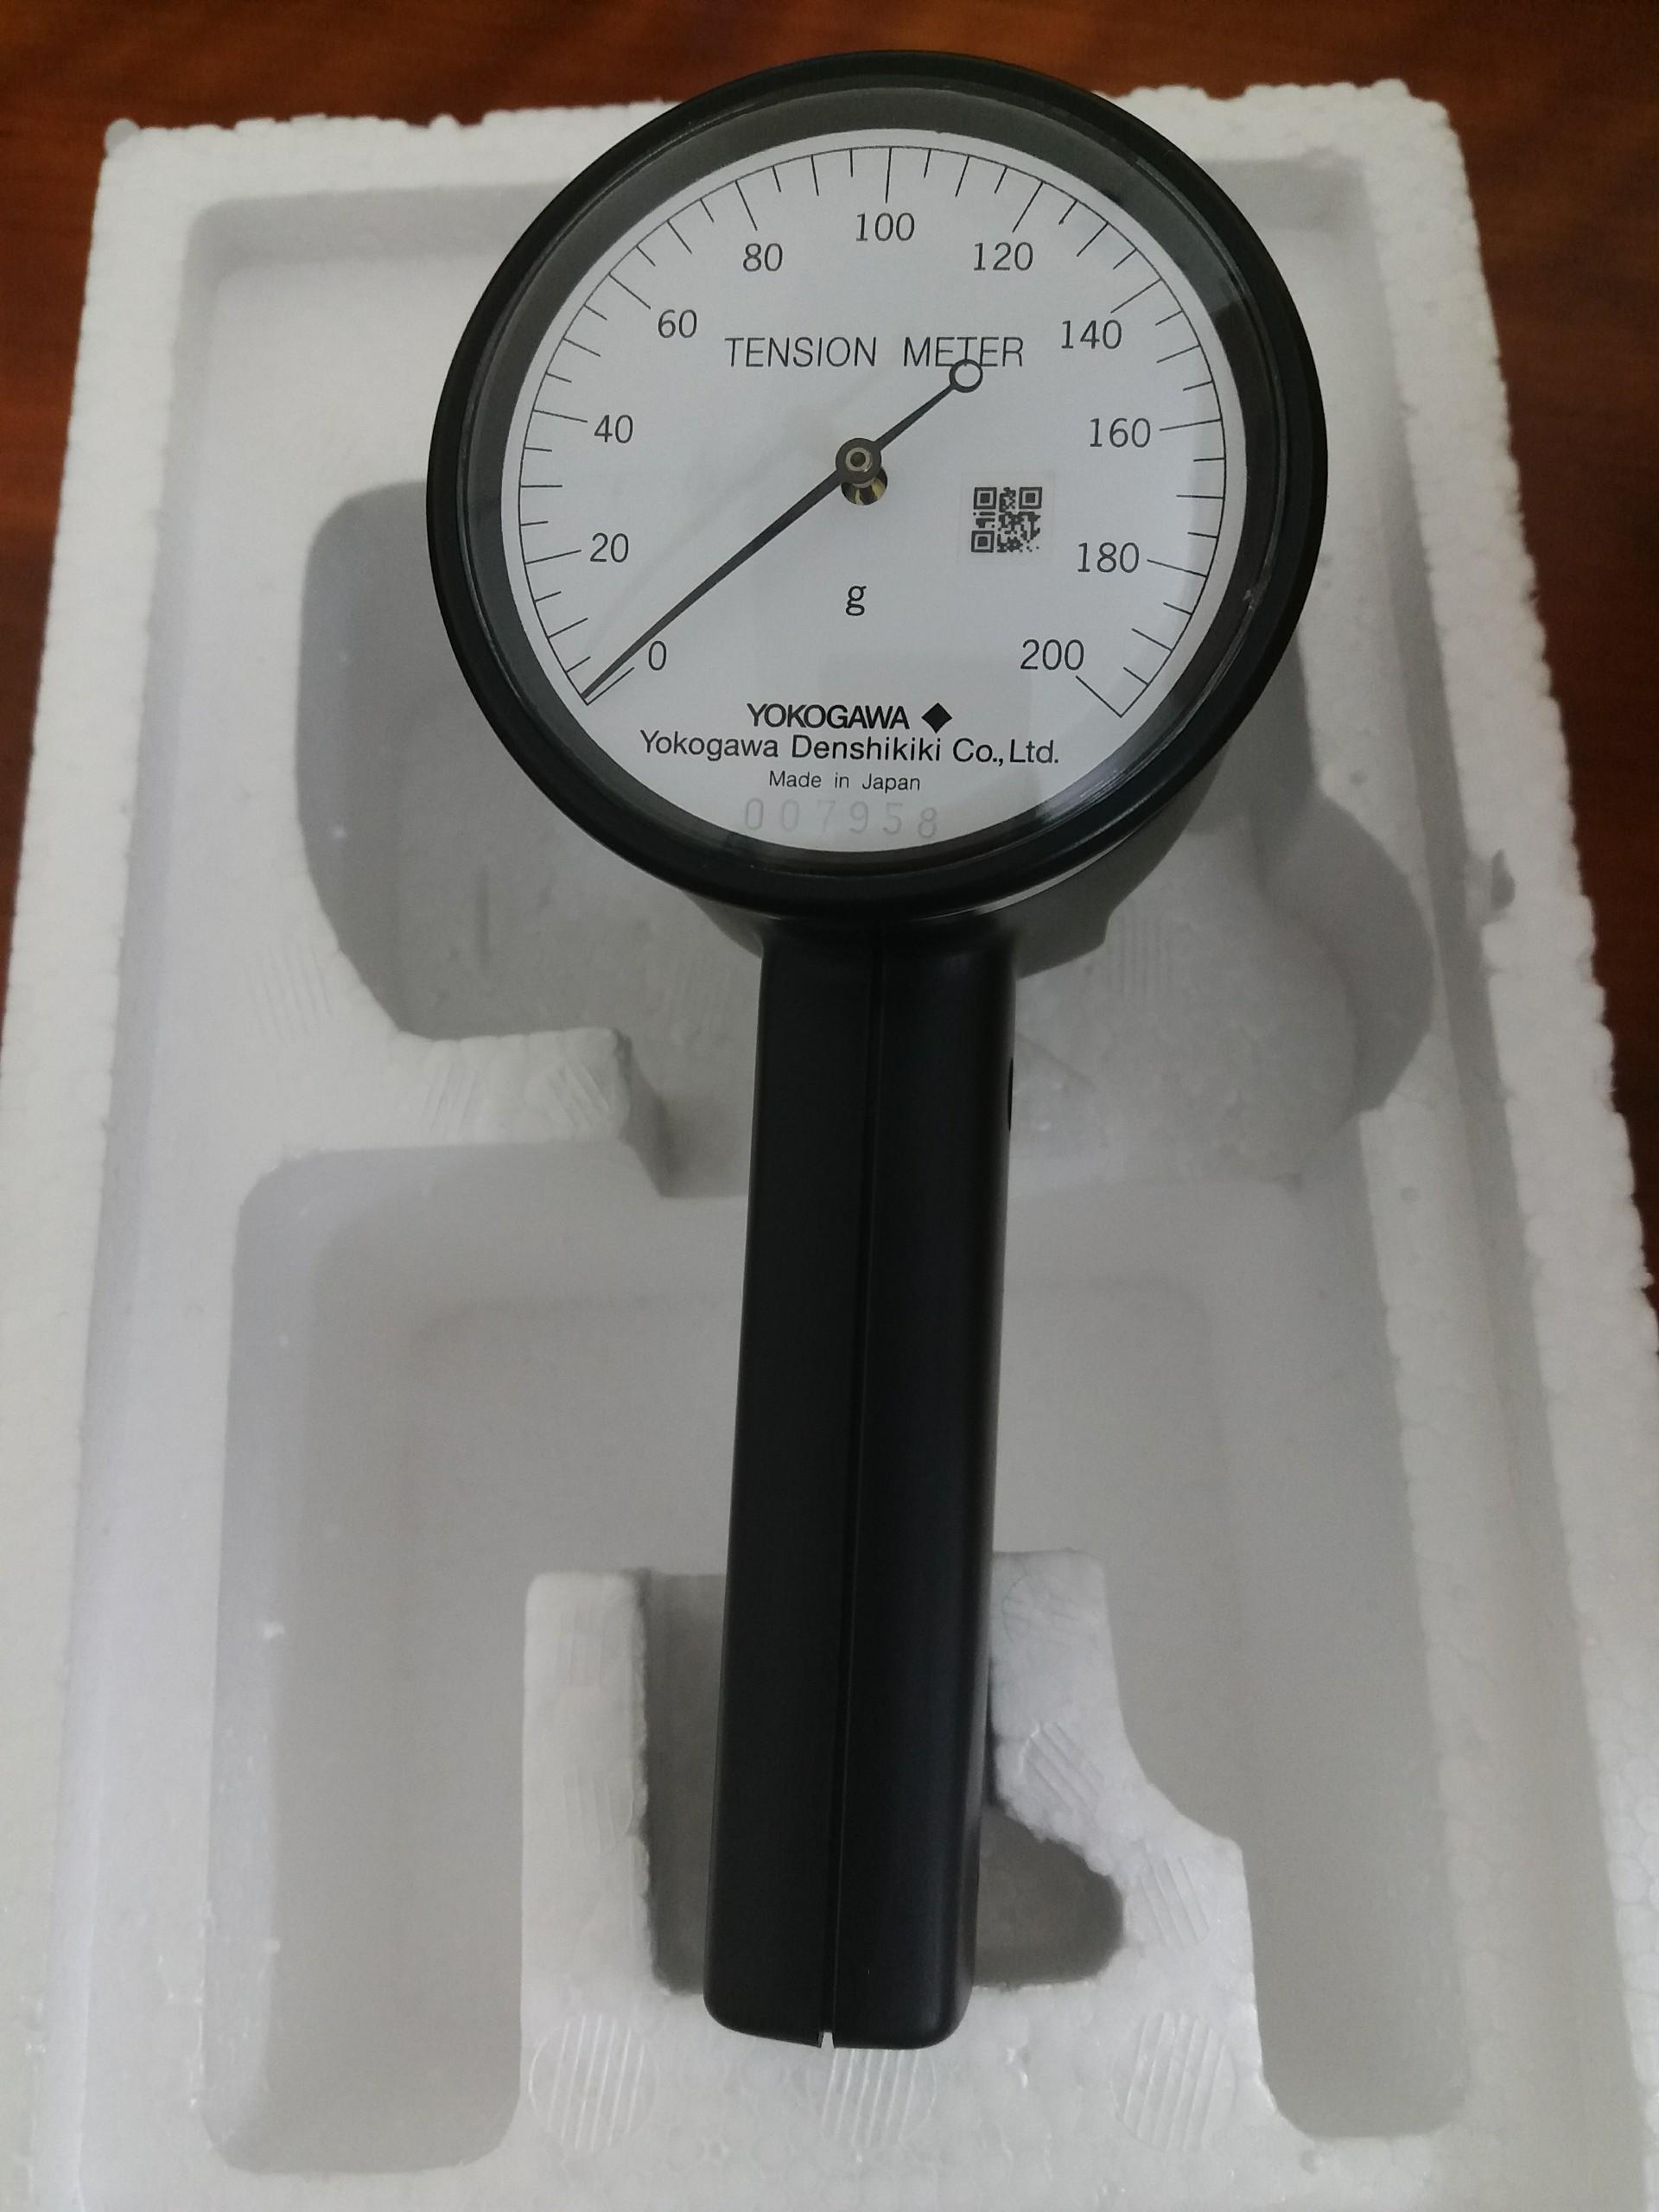 Đồng hồ đo lực căng 0g - 200g  T-101-20-10 Yokogawa